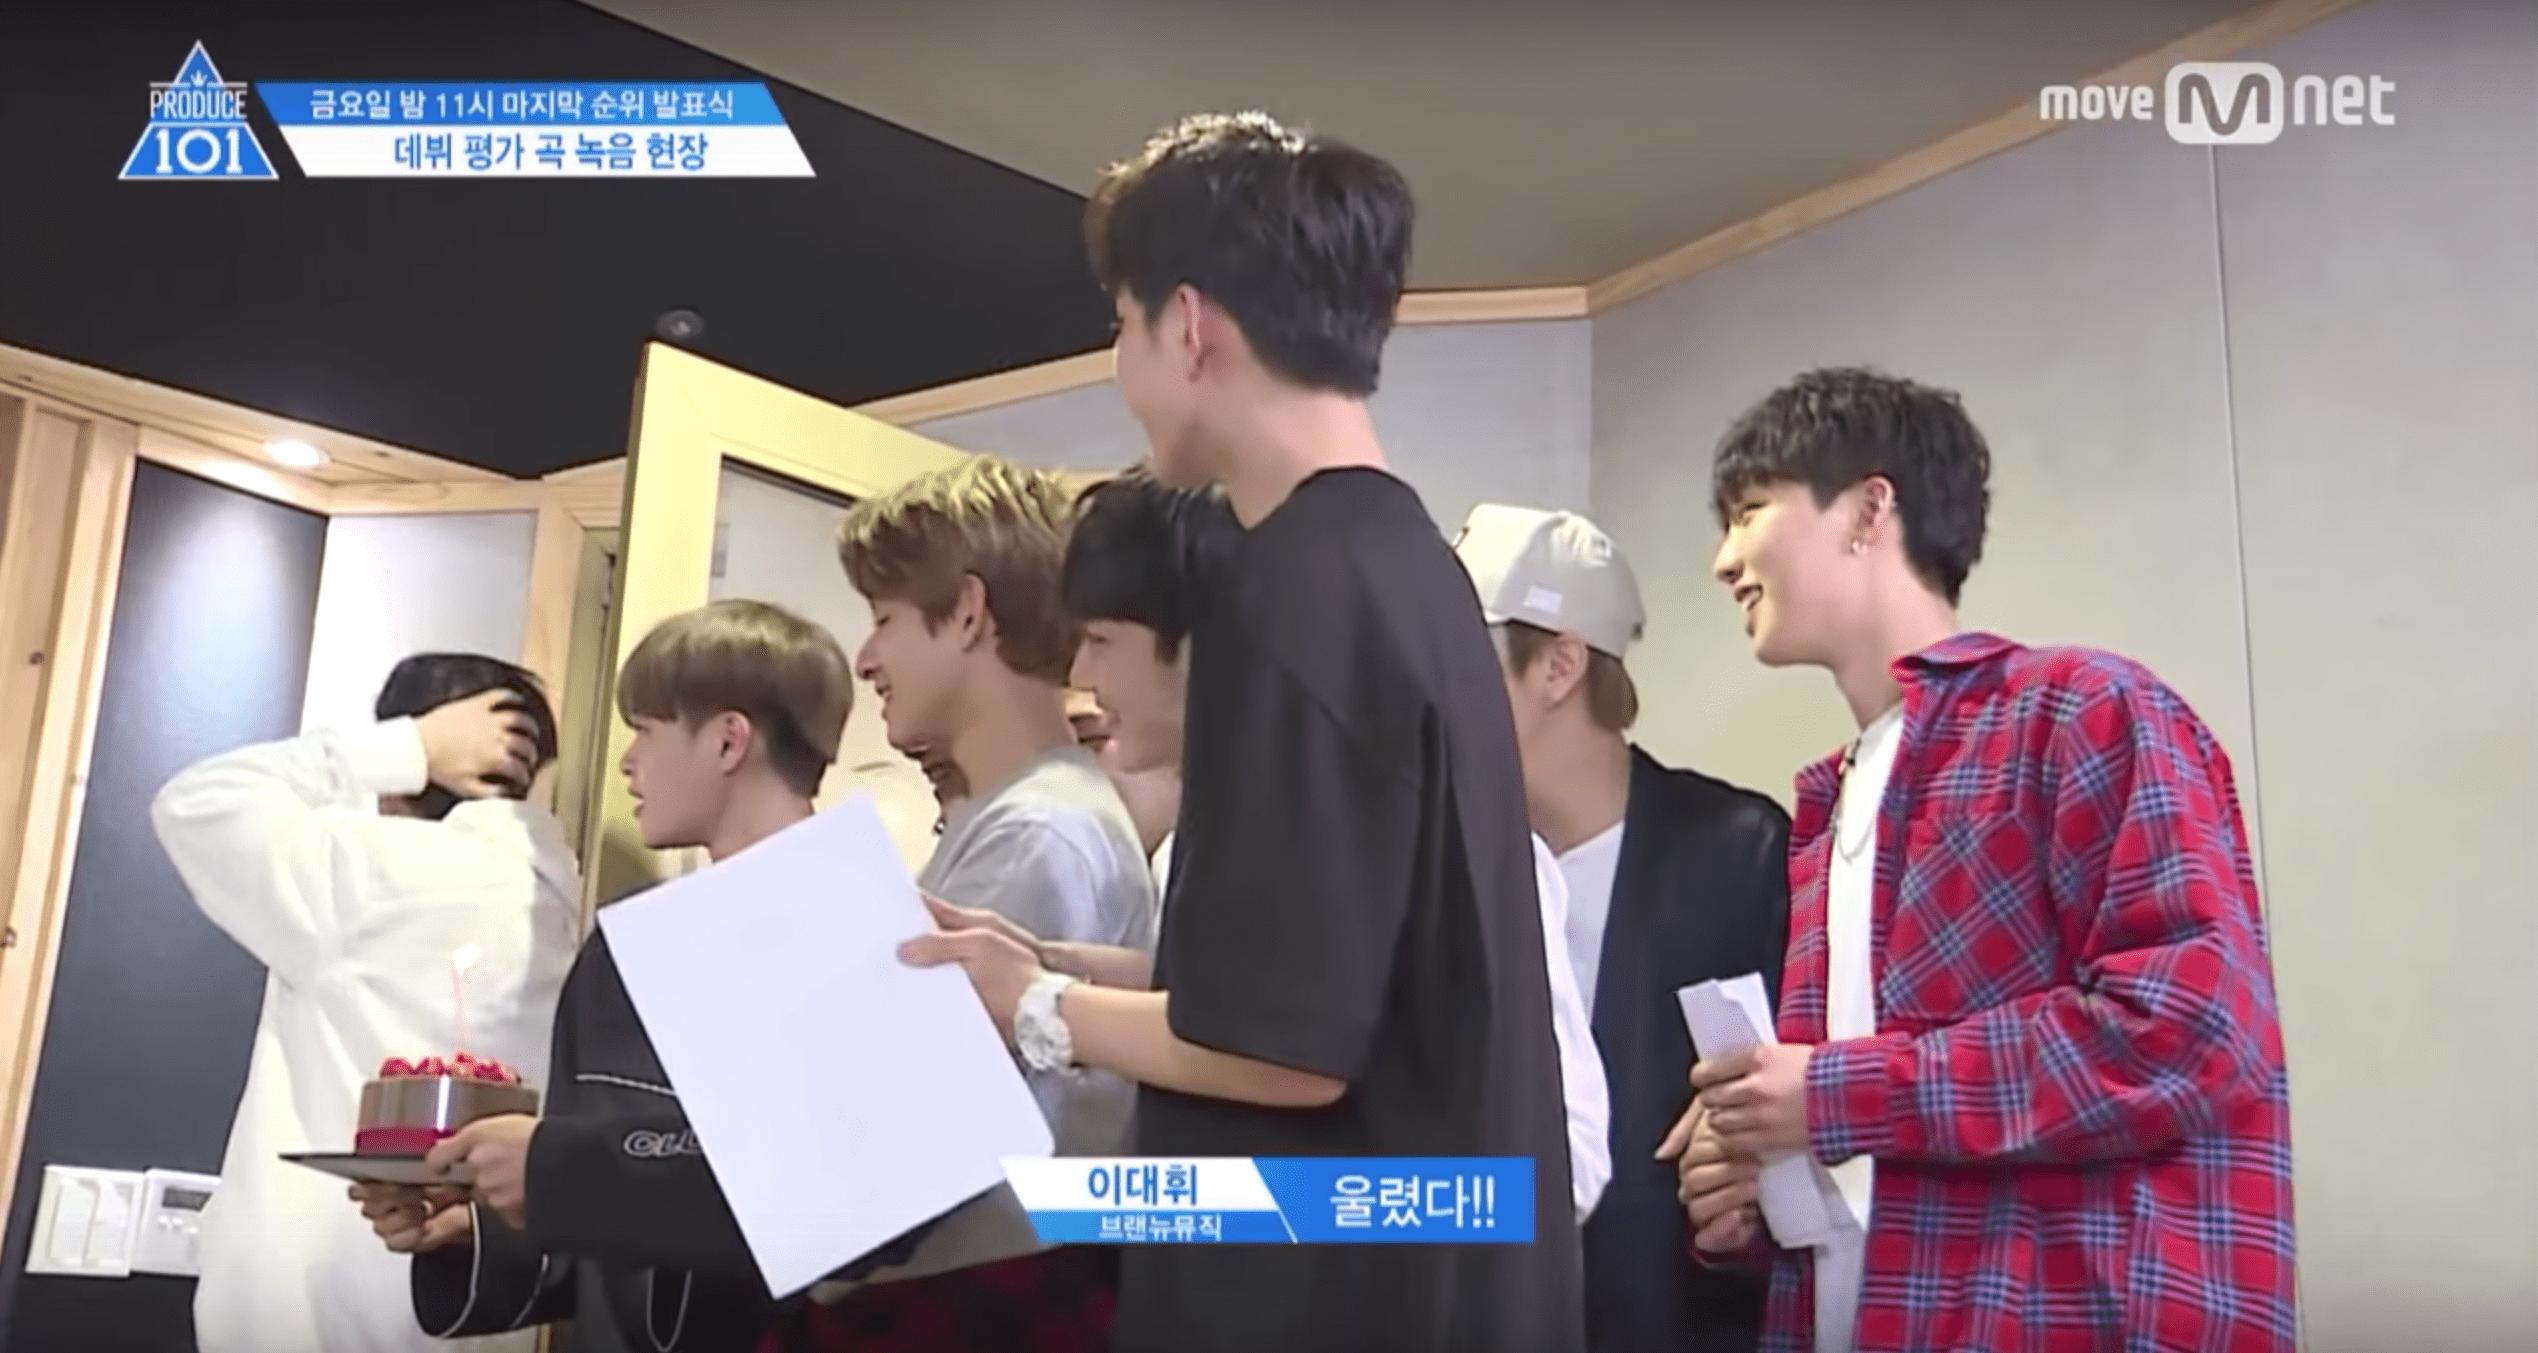 """Los aprendices de """"Produce 101 Season 2"""" sorprenden a Kim Jong Hyun por su cumpleaños durante una grabación"""